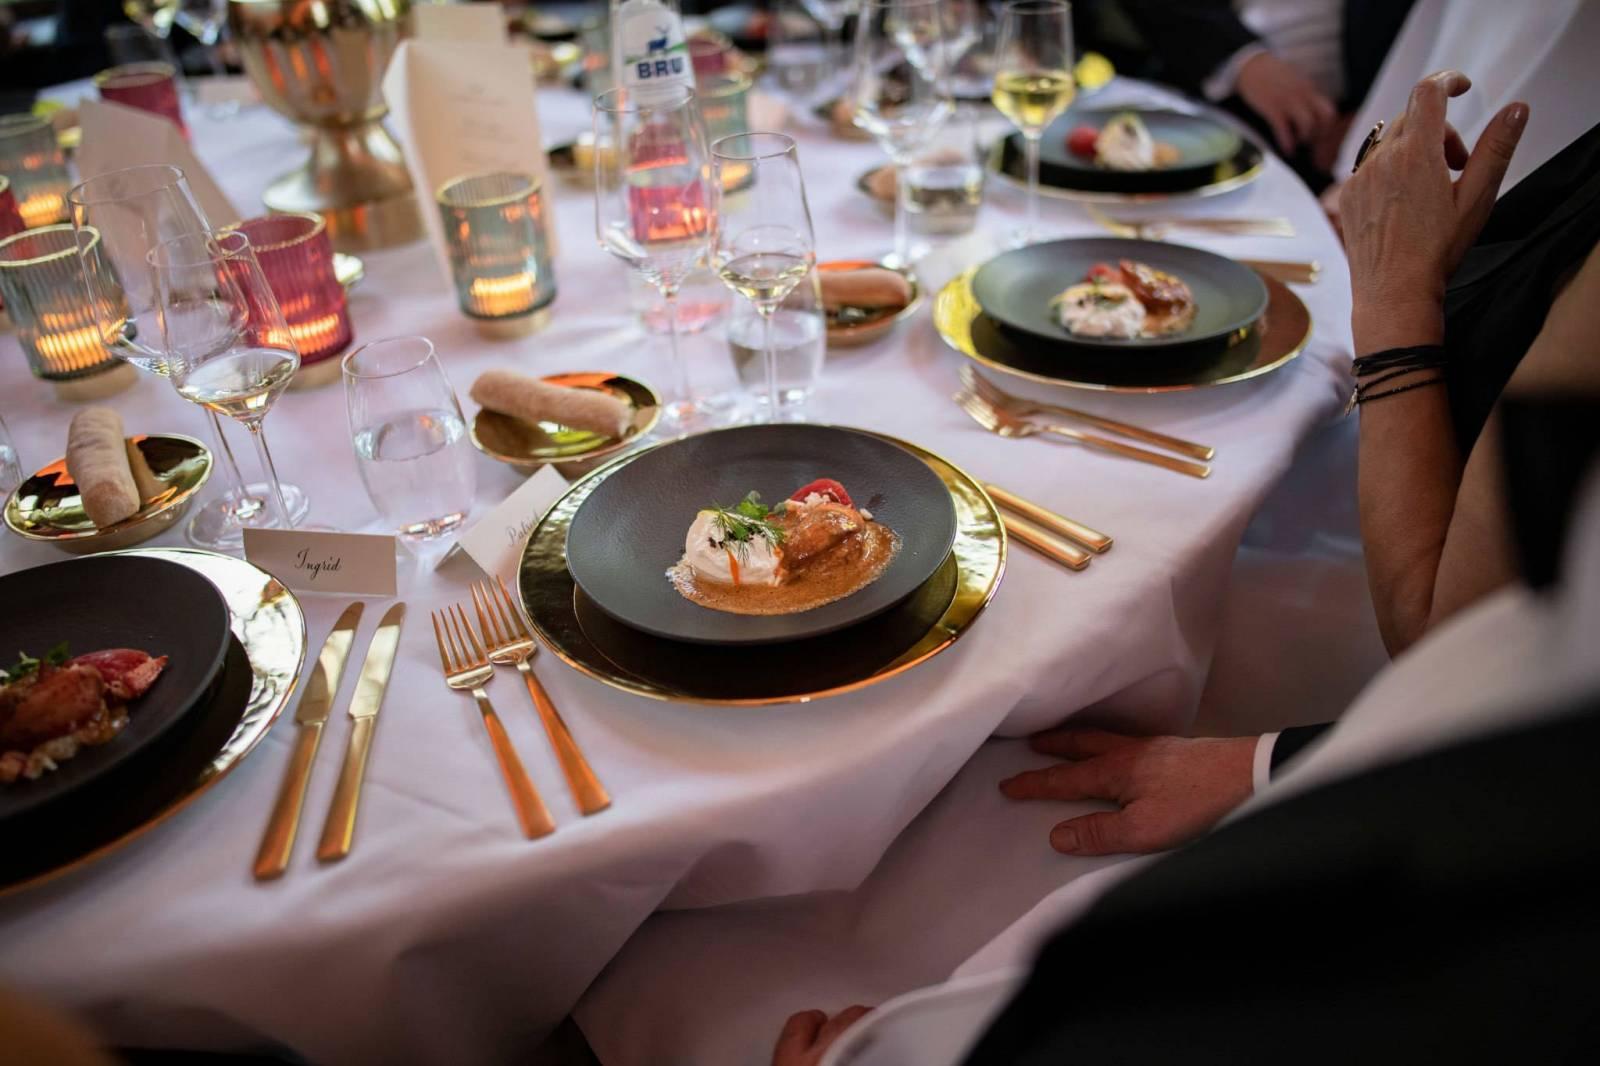 Gastronomie Nicolas - Catering - Traiteur - Trouw - Huwelijk - Bruiloft - House of Weddings - 6